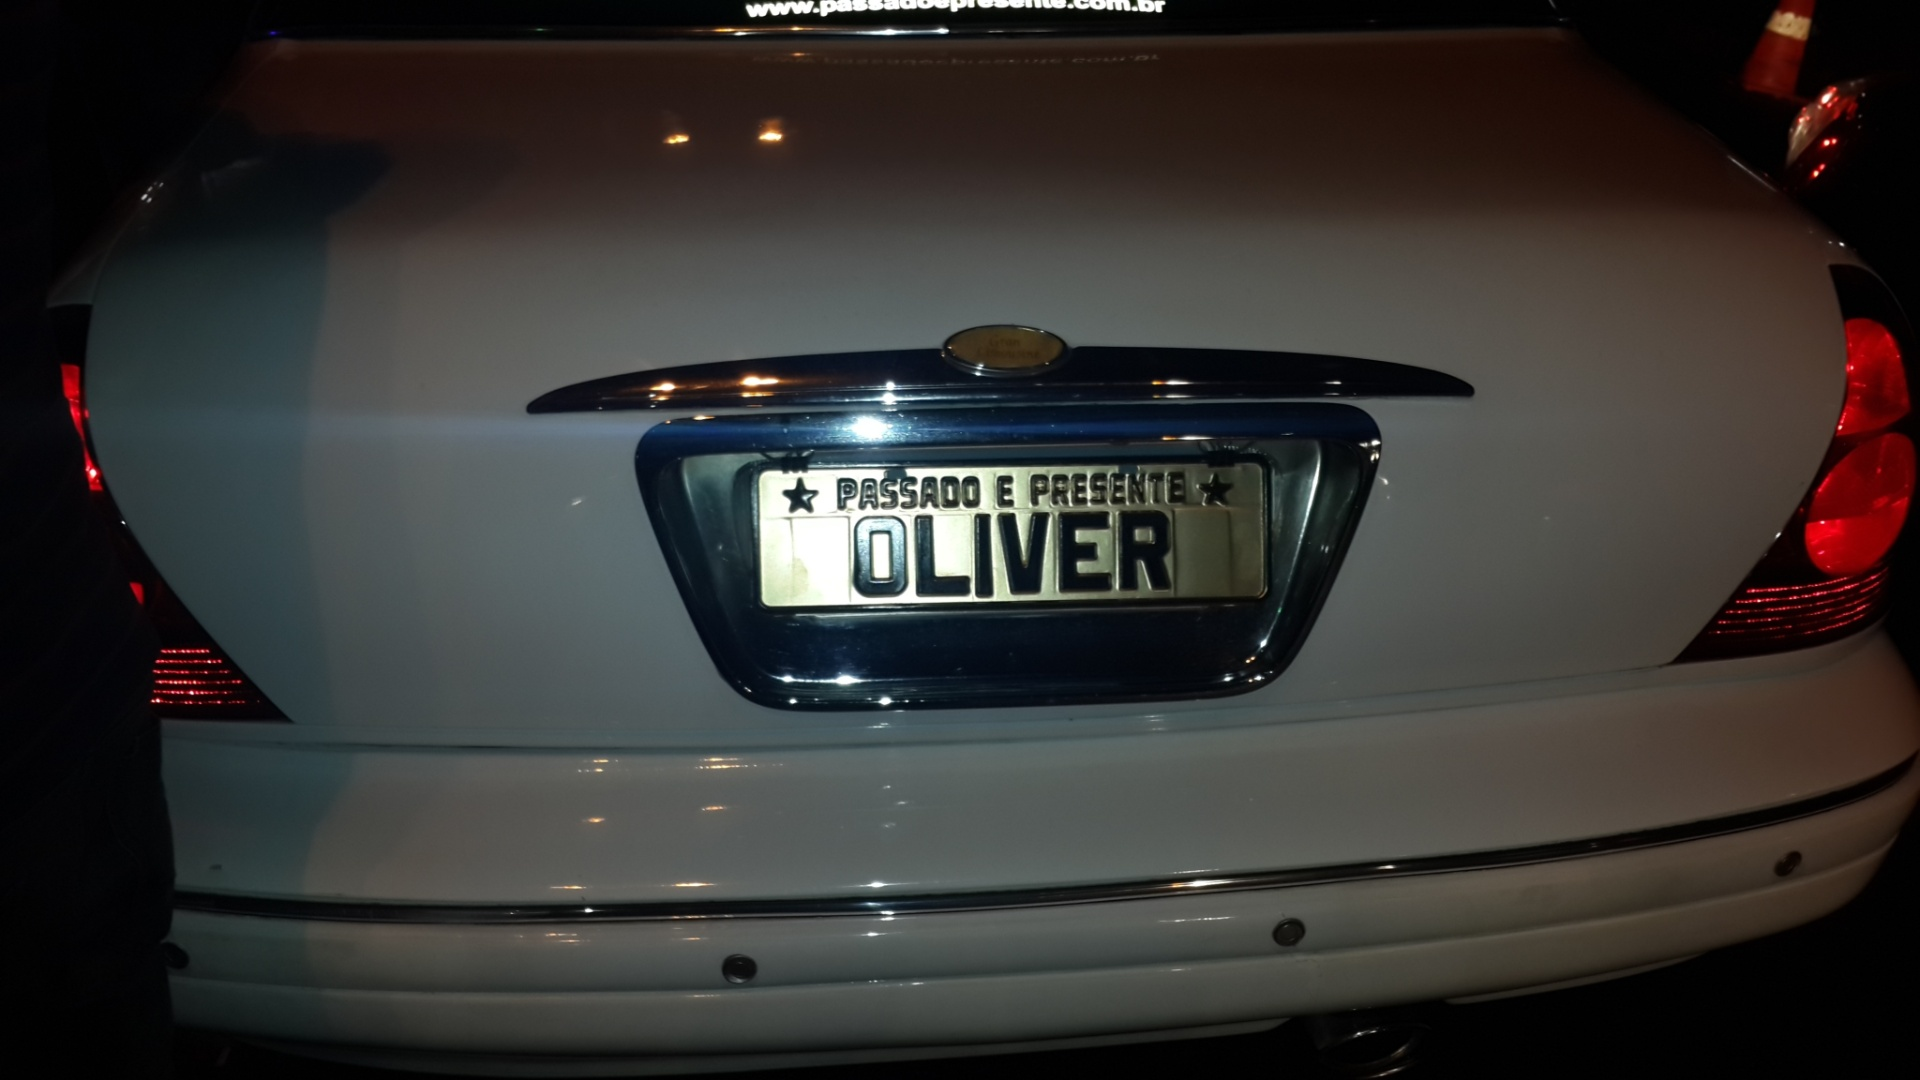 3.out.2013 - Detalhe da placa do carro do Marcos Oliver